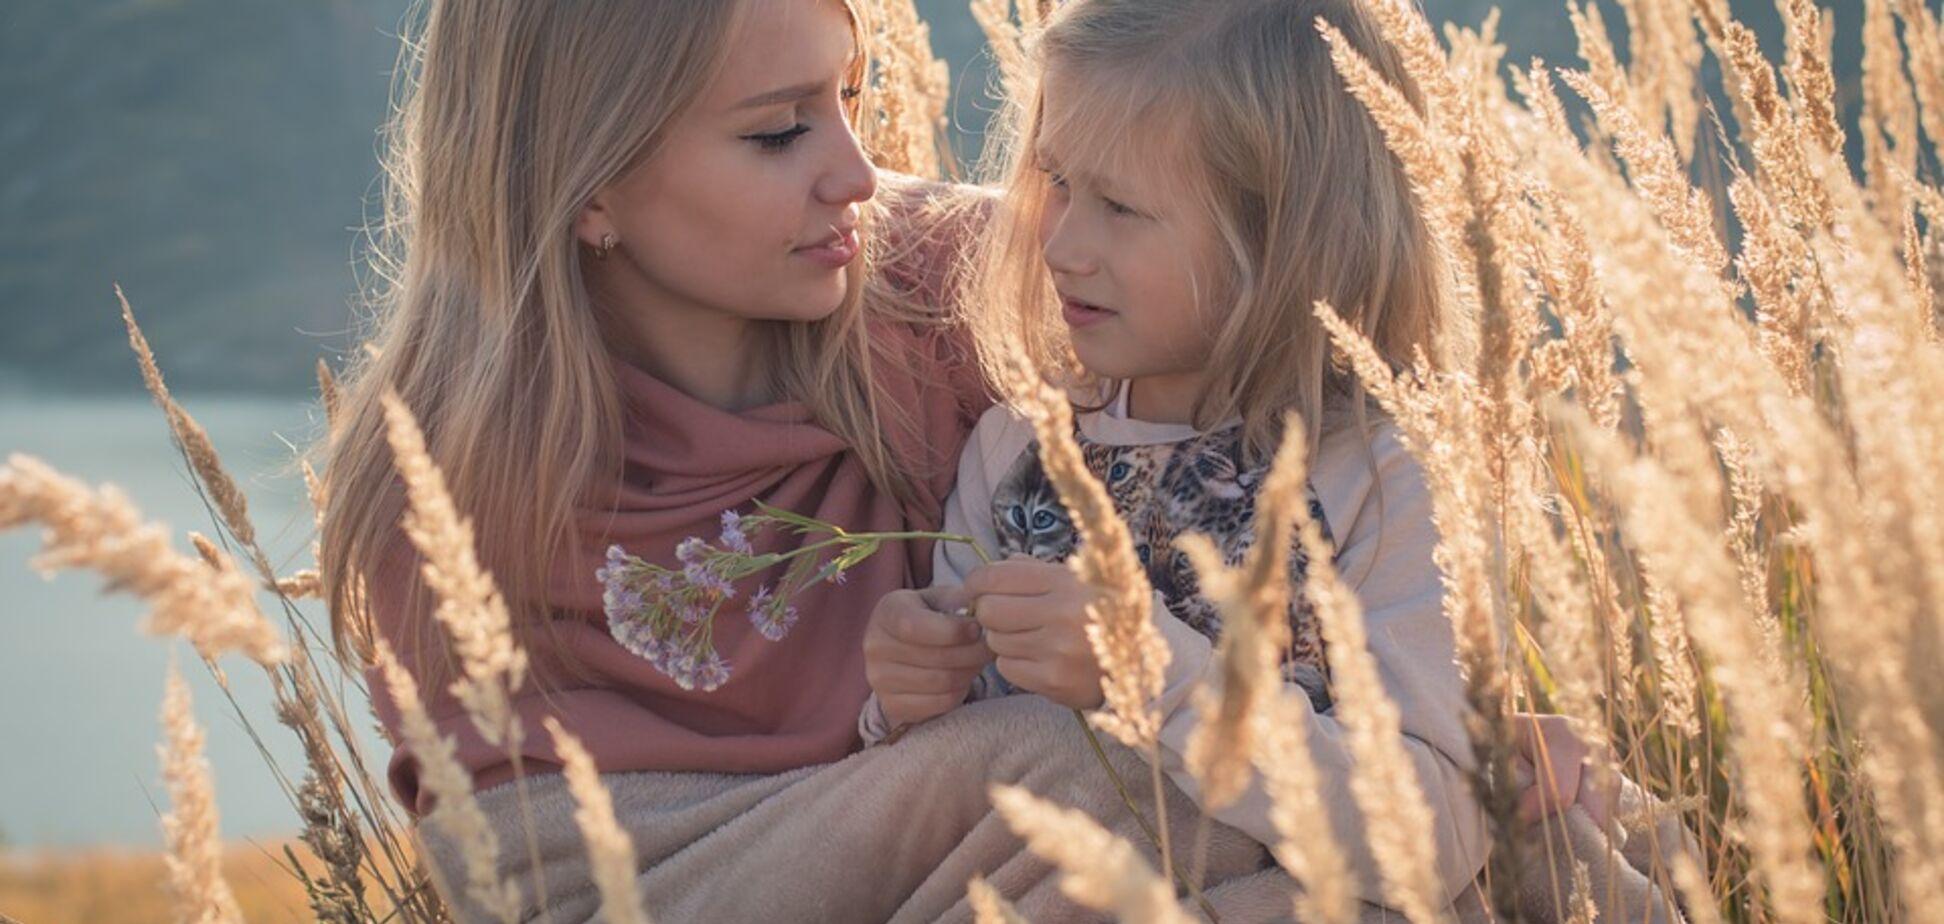 Мама и дочка: как не воспитать в ребенке нелюбовь к себе